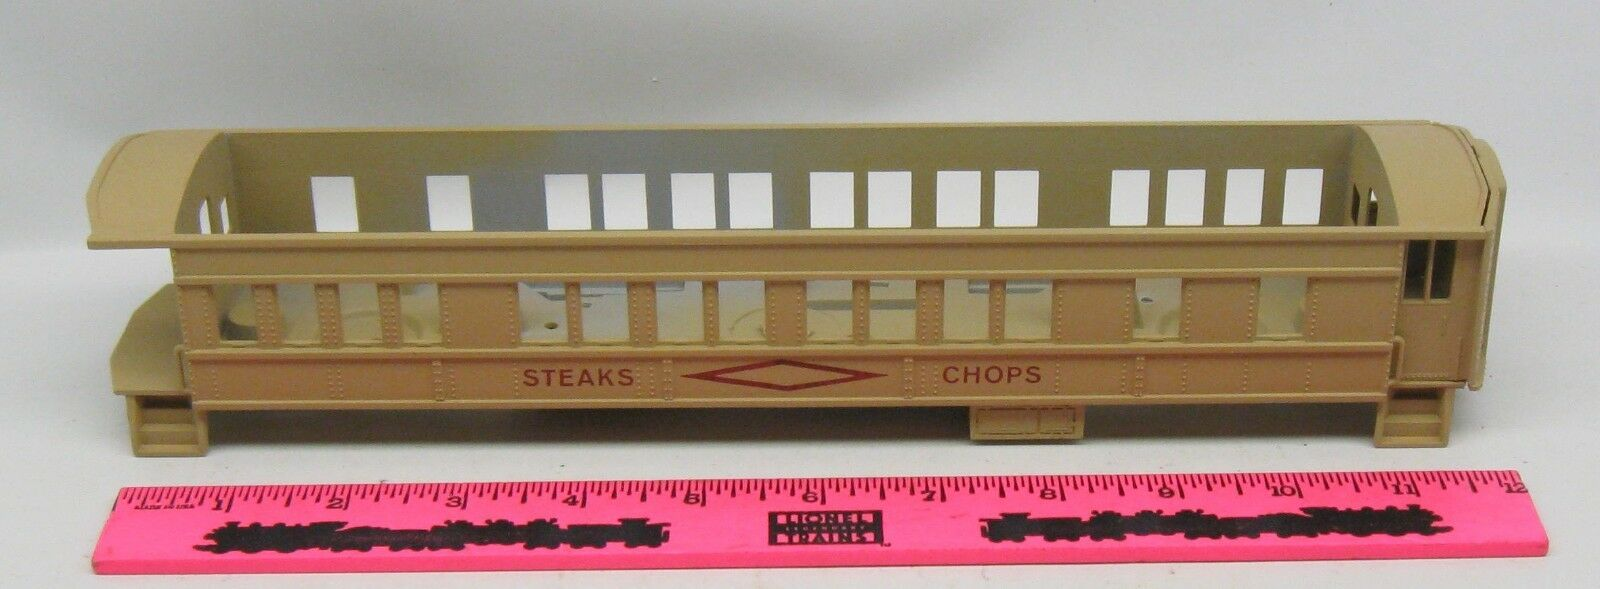 Lionel  Steaks Chops 10-2722-3 Roadside Dinner Shell